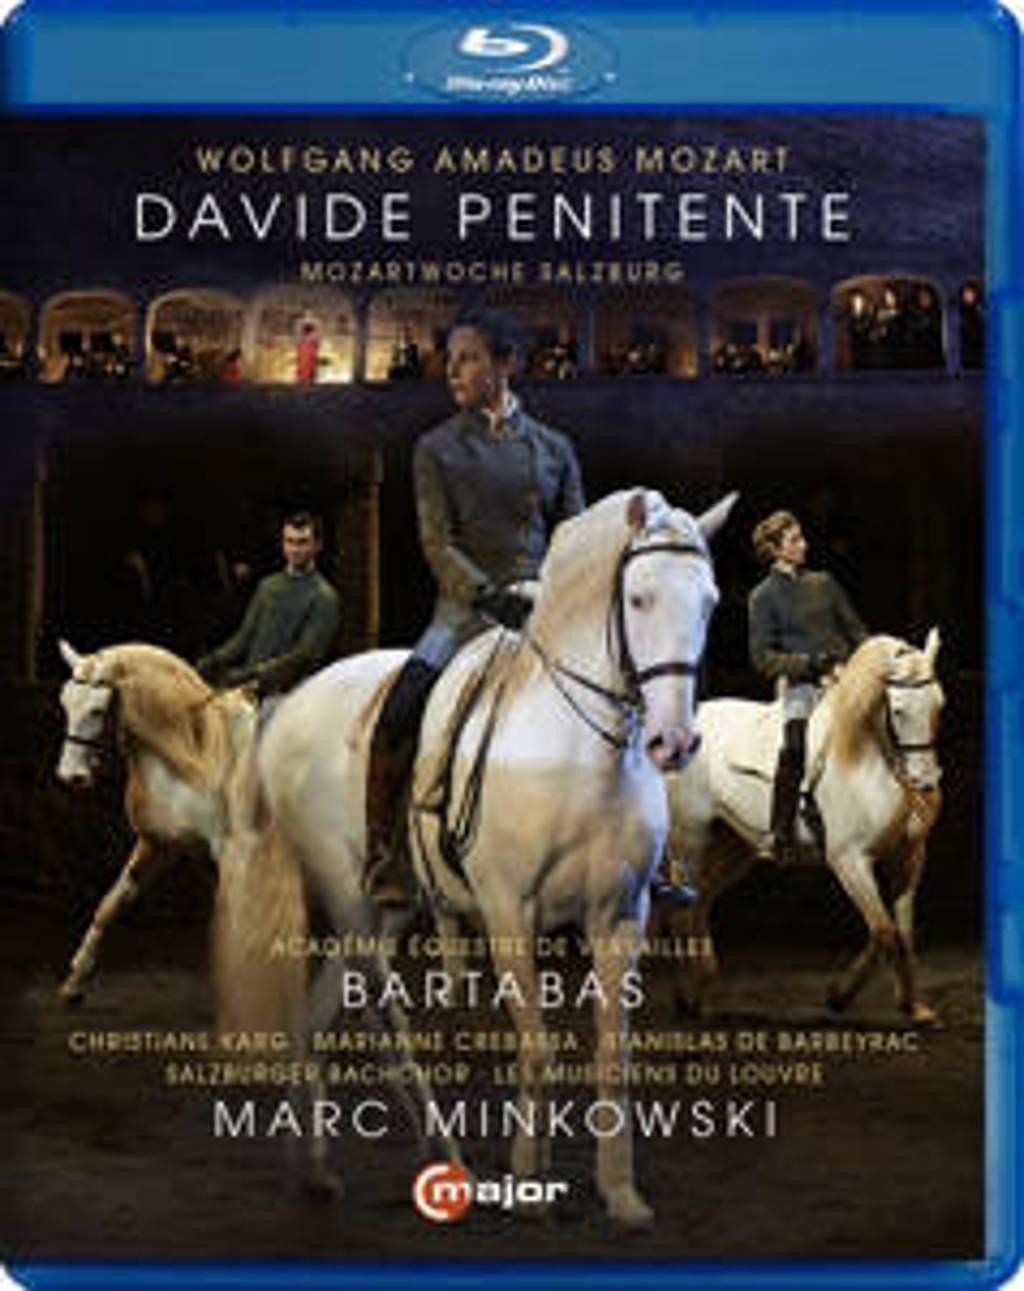 Salzburger Bachchor, Karg,Crebassa - Bartabas & Marc Minkowski Felsenrei (Blu-ray)